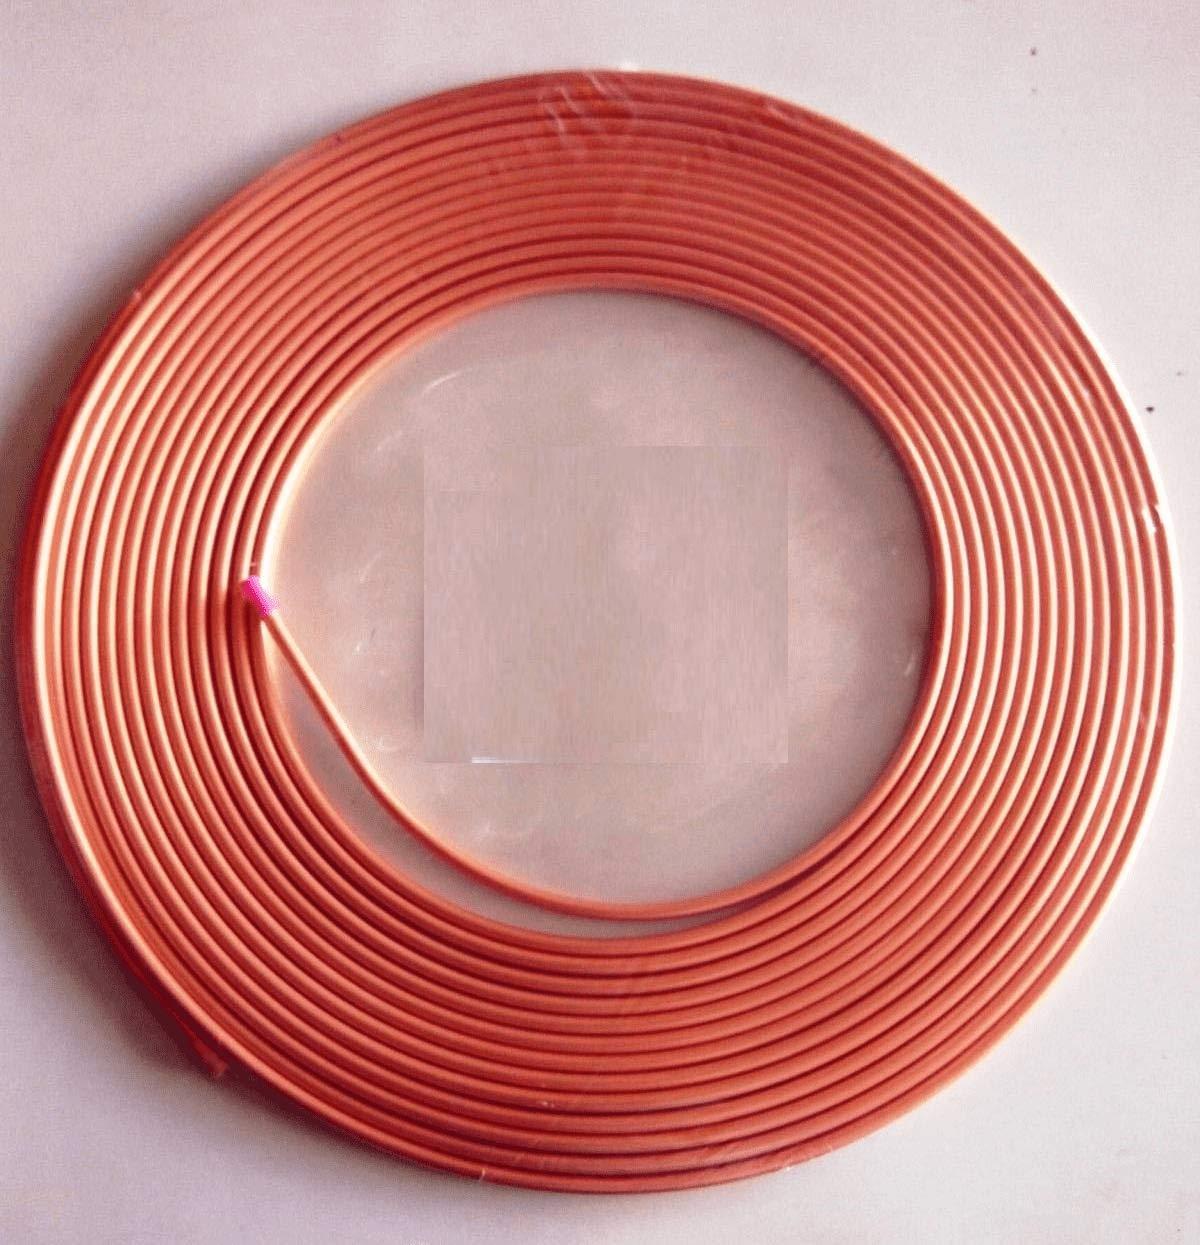 Godrej Copper Pipe Coil Size 1/2 Inch (B076BSVDR5) Amazon Price History, Amazon Price Tracker